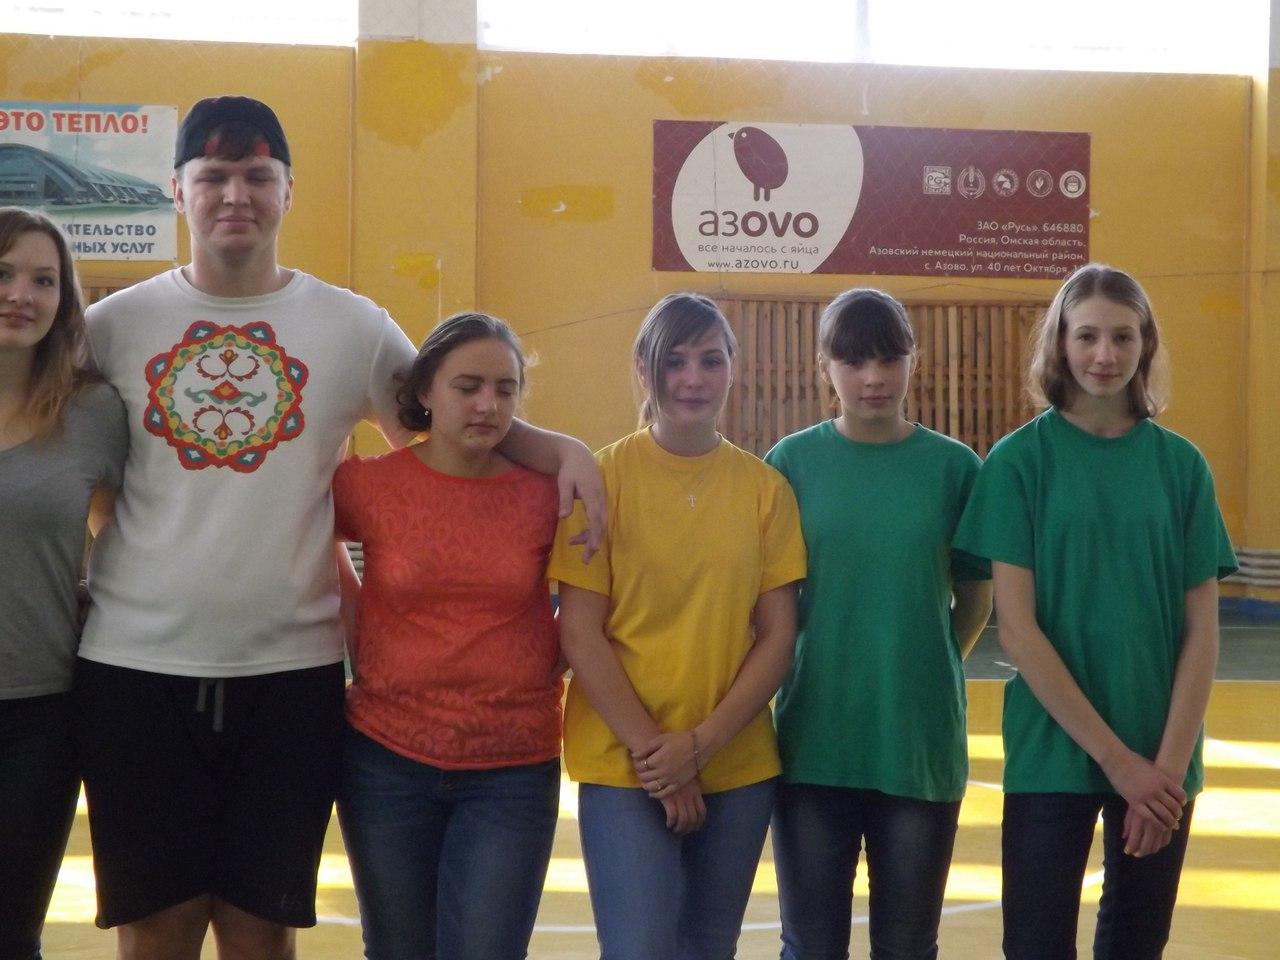 встреча молодежных организаций 4